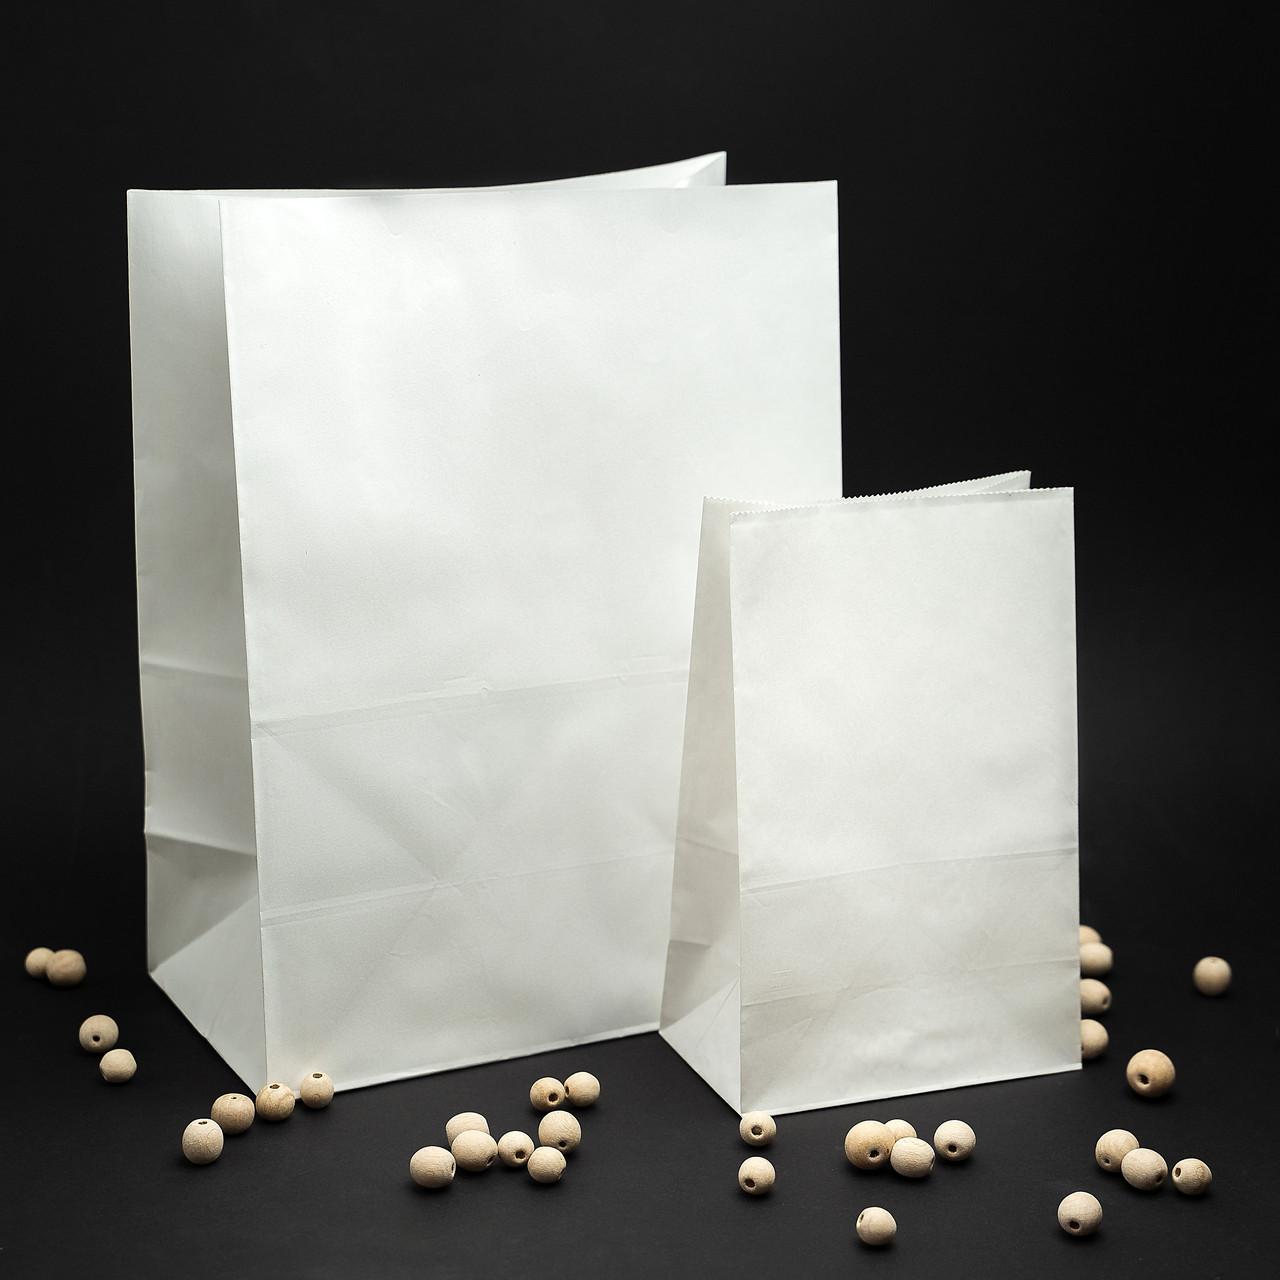 Крафт пакети з плоским дном білі великі 320*150*380 мм, упаковка 500 штук